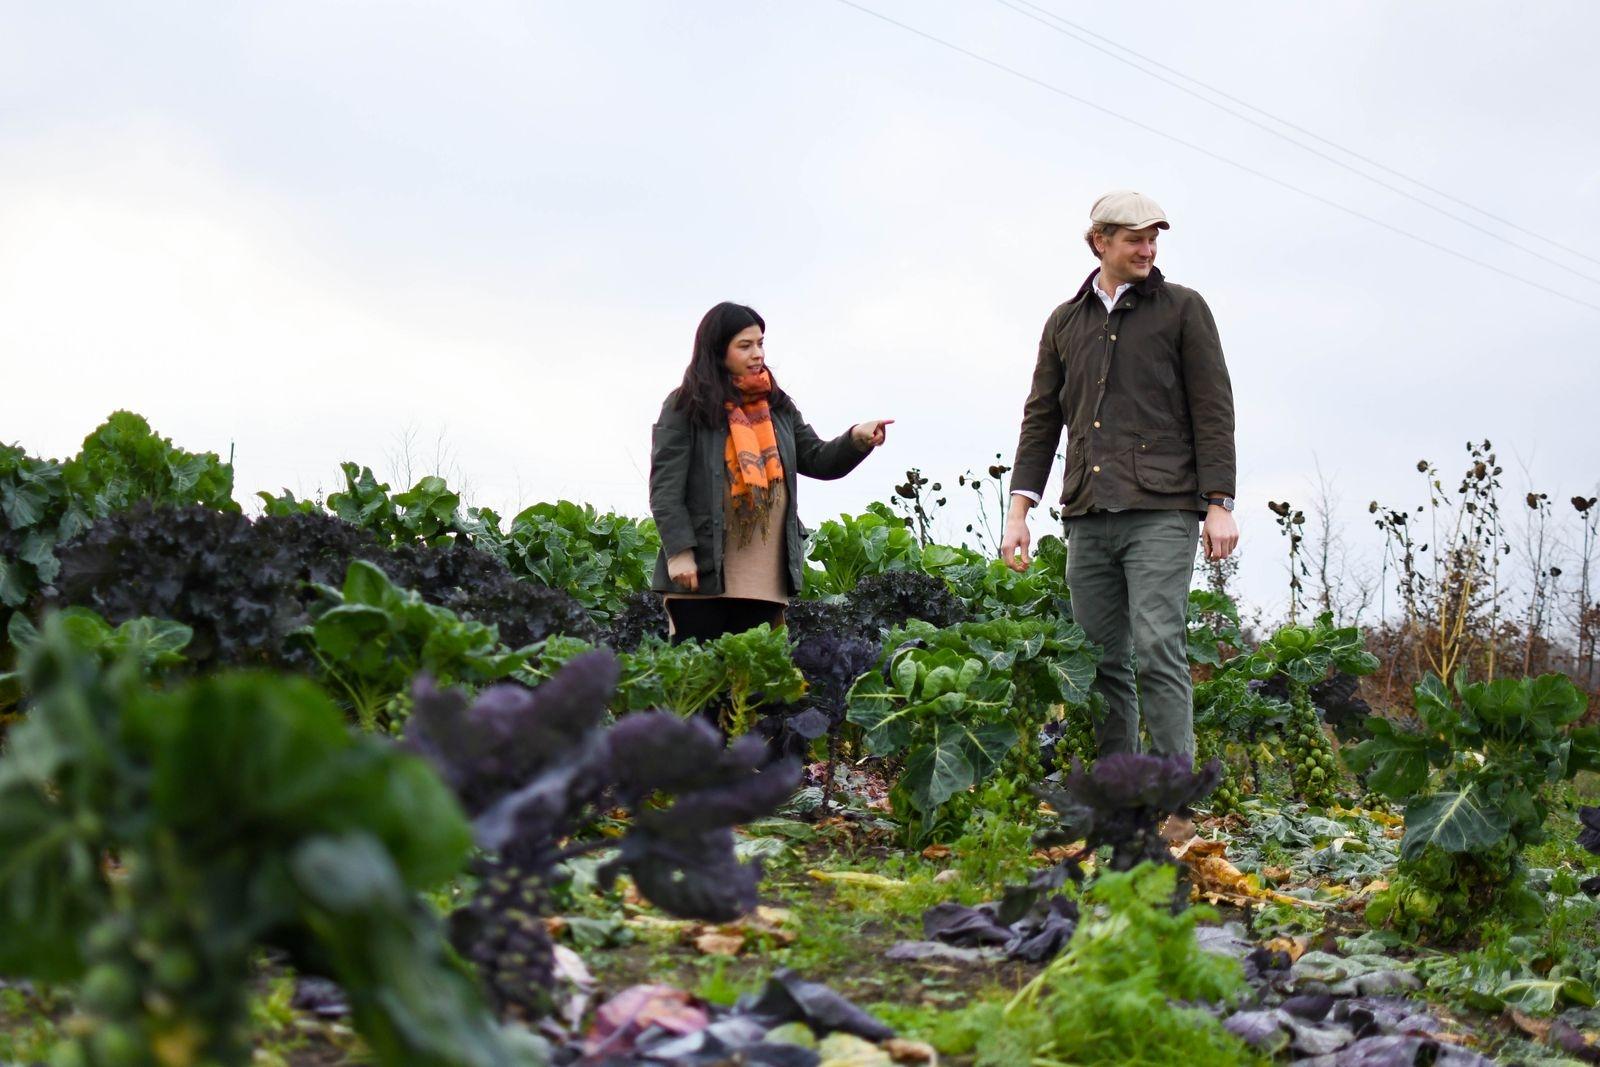 """Köksträdgården växer för varje år och förser restaurangköket med det mesta som serveras. """"Det är viktigare för oss att utöka odlingarna än antalet sittplatser, för att vi ska kunna hålla den höga kvalitet som vi strävar efter""""."""